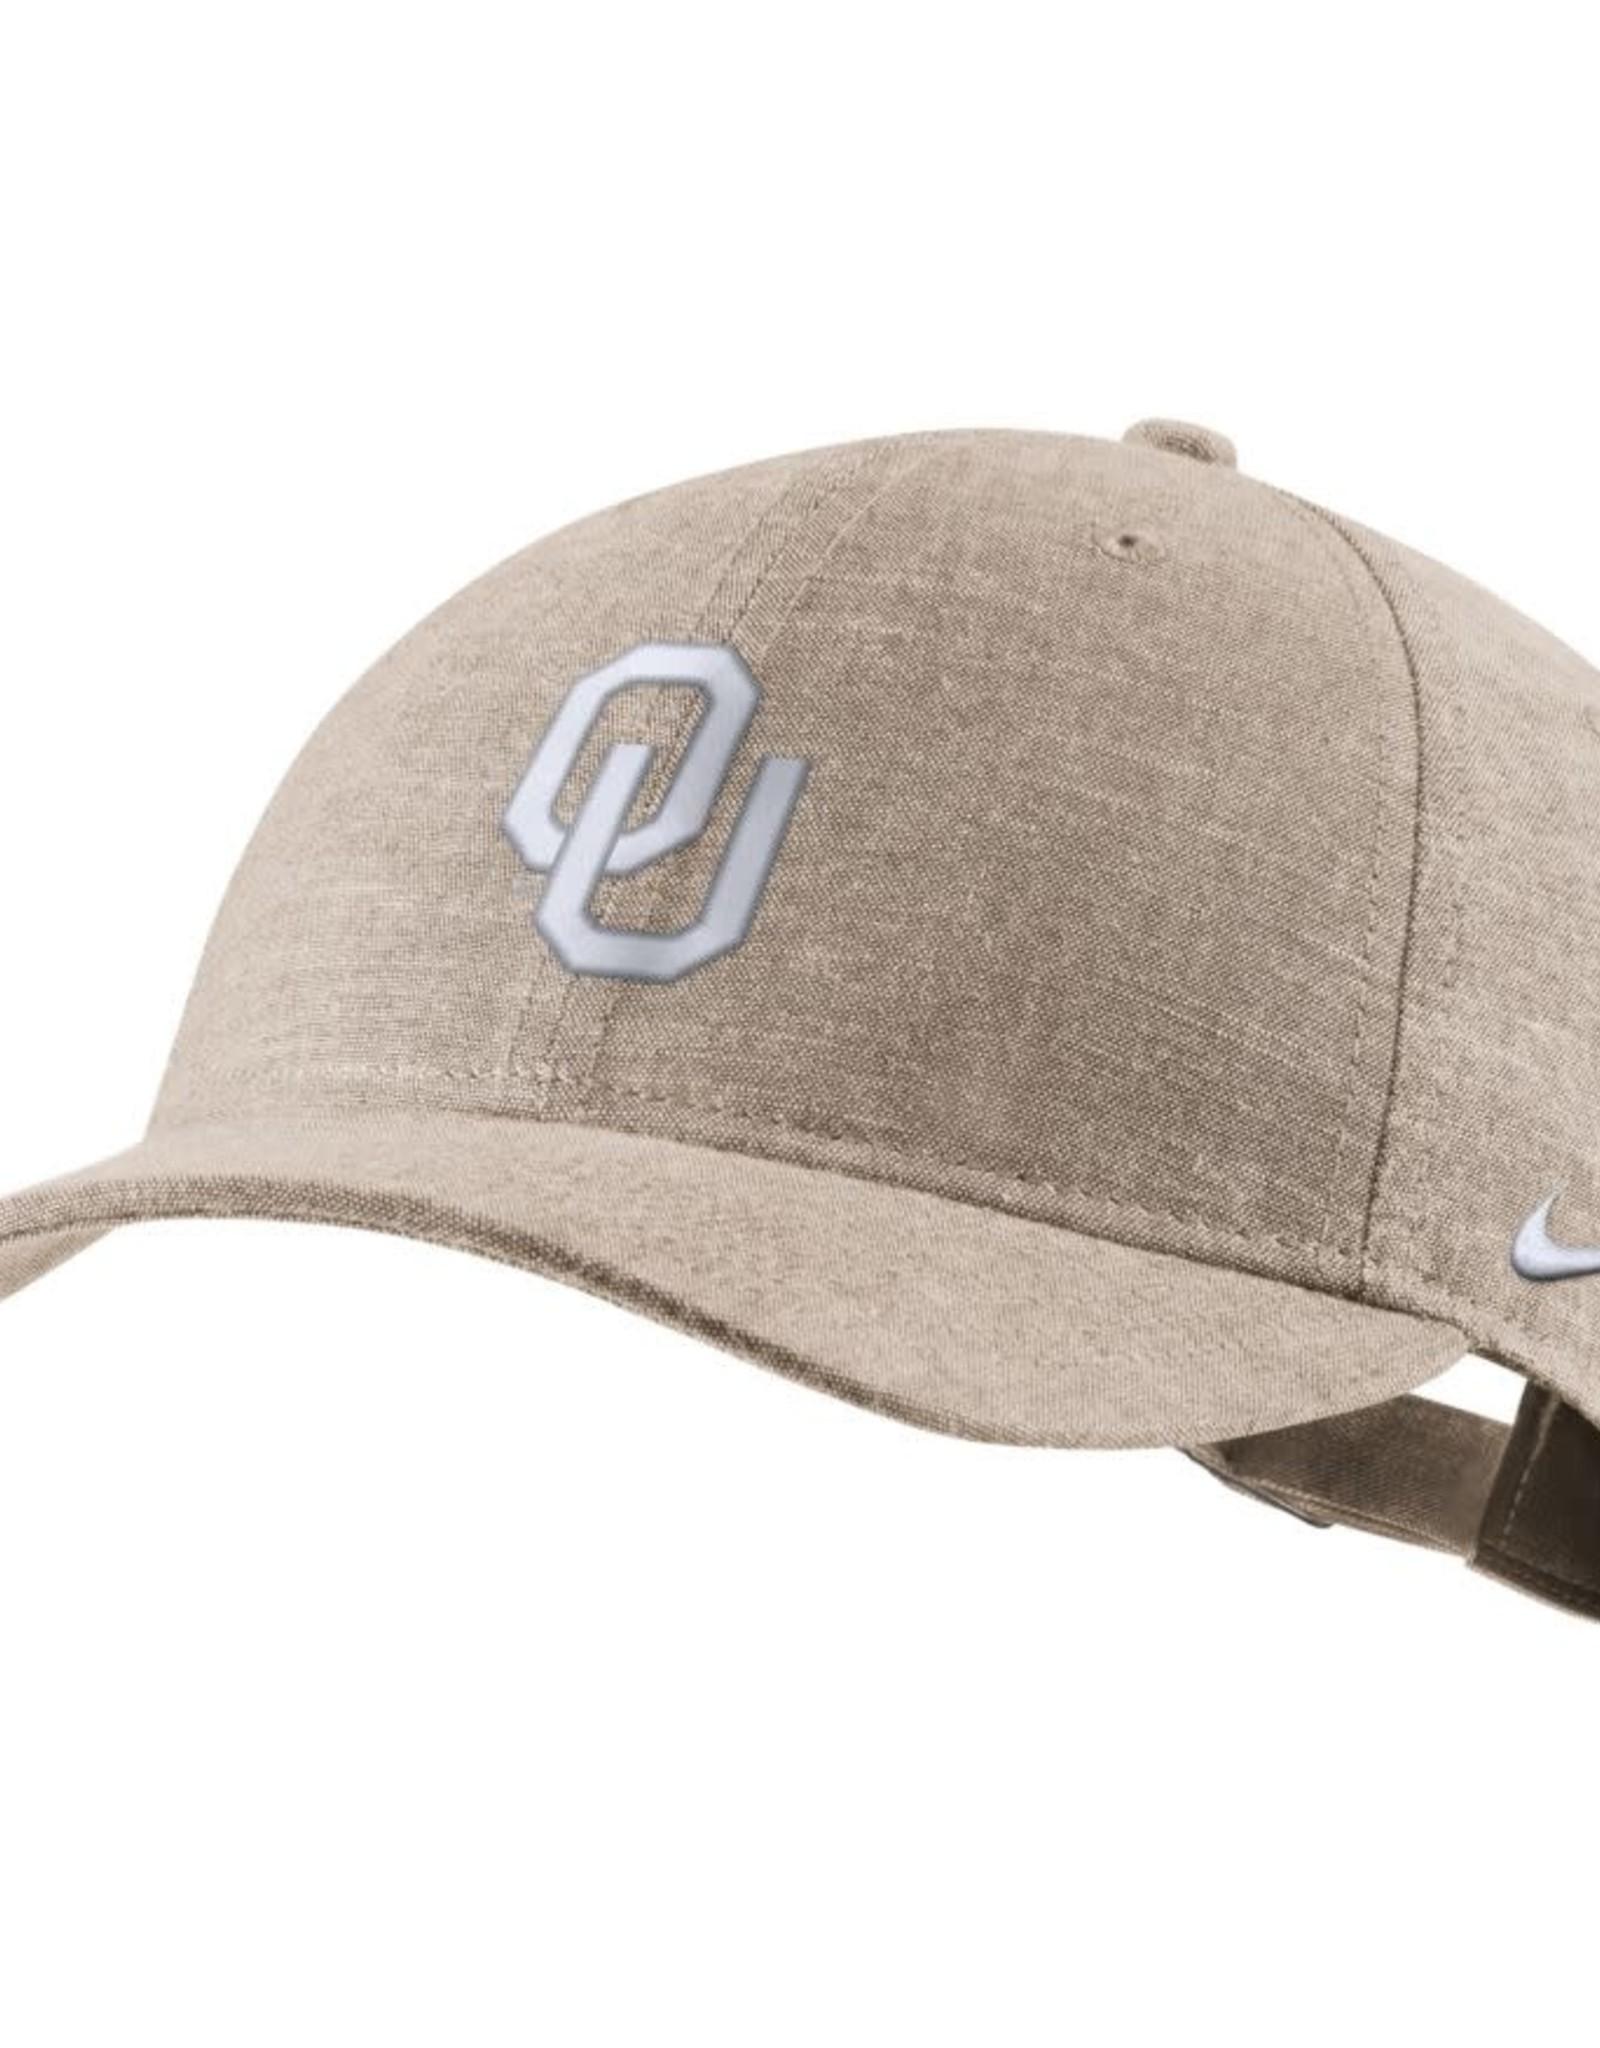 Nike Nike OU L91 Chambray Hat